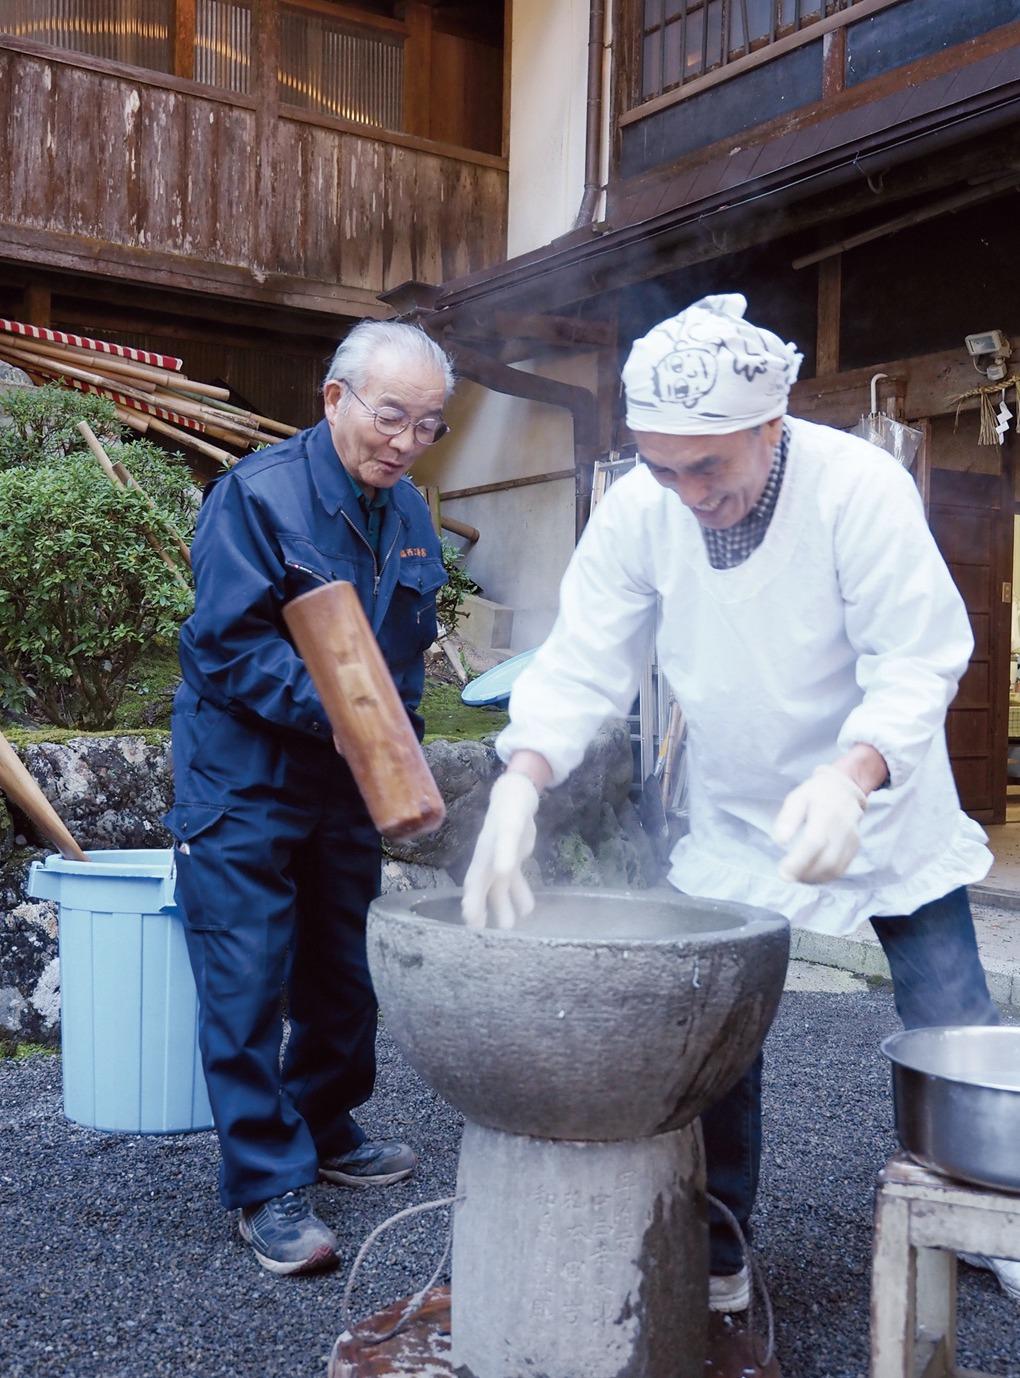 山里の恵み 川上村 烏川神社でとち餅づくり体験